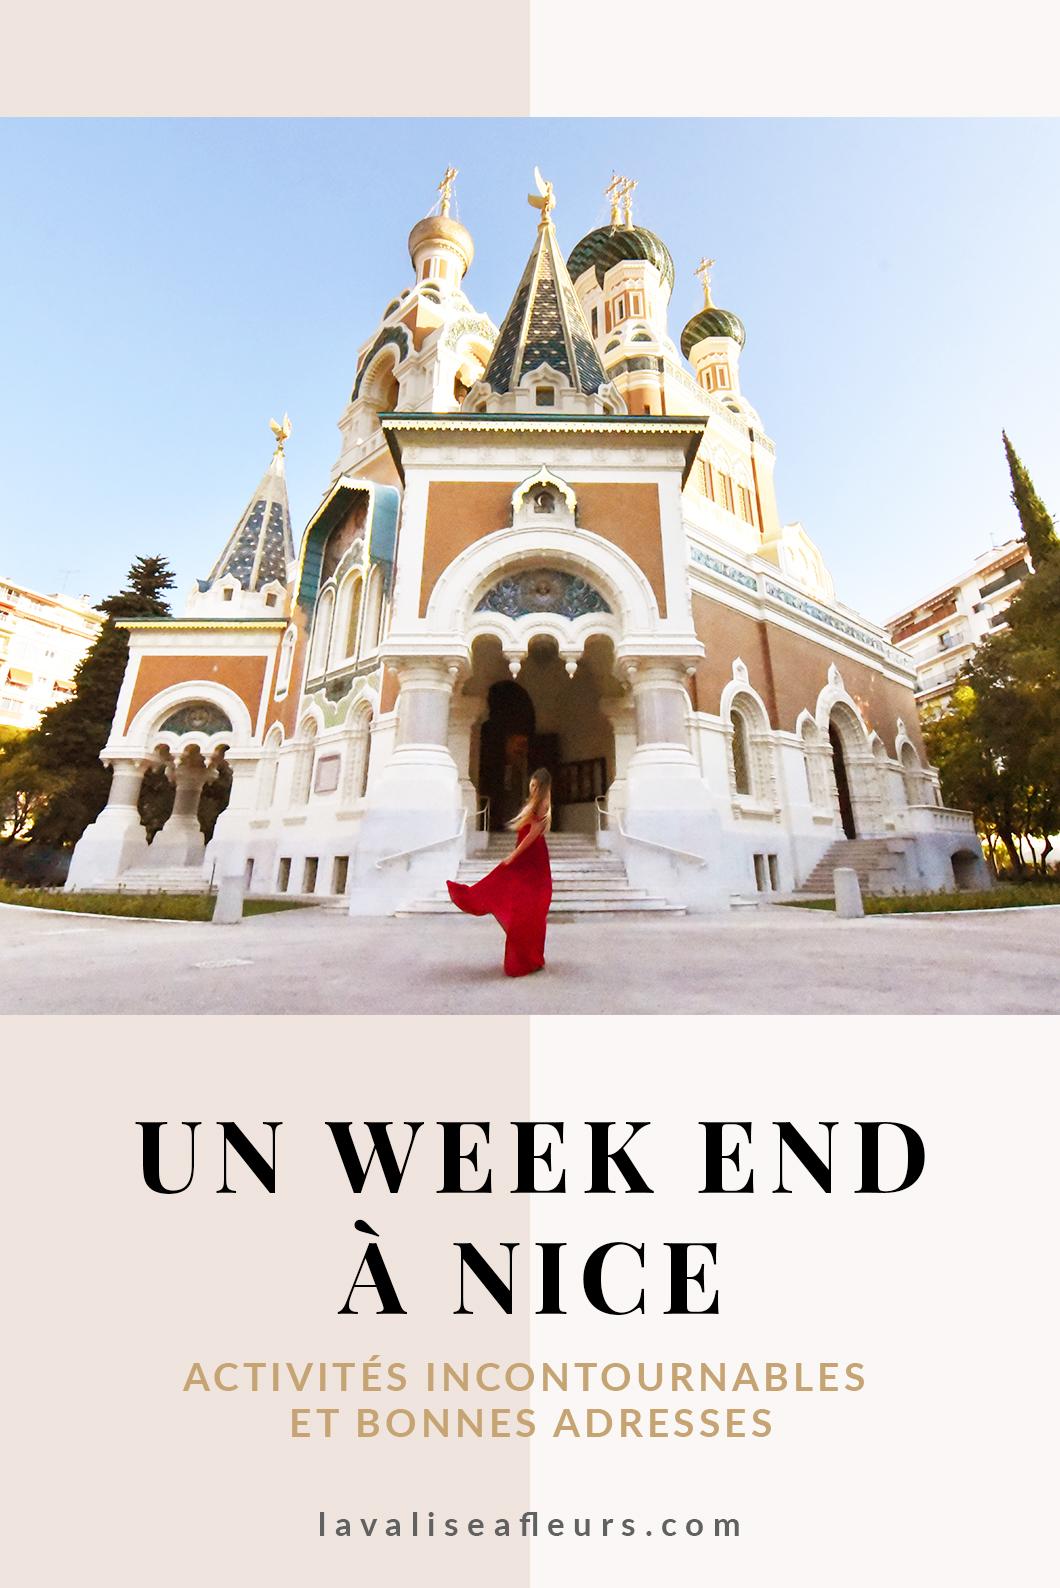 Activités incontournables et bones adresses à Nice